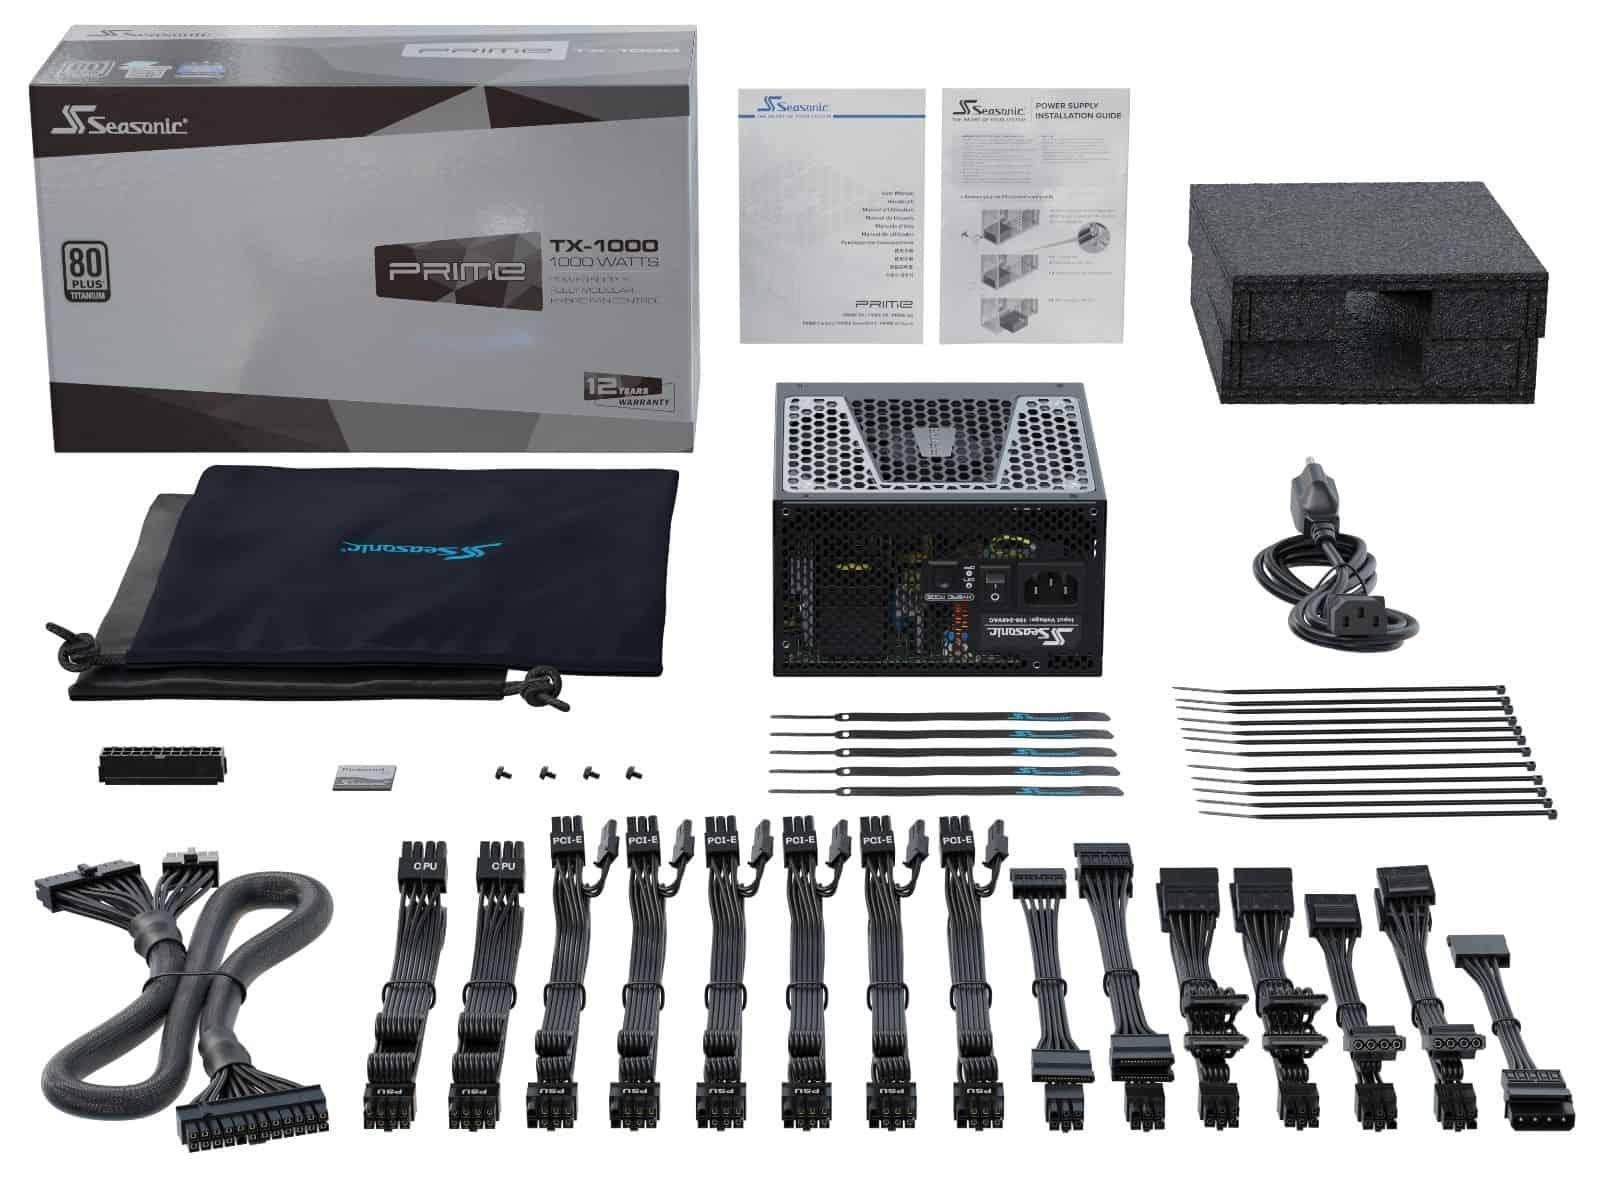 Tápegység Seasonic Prime TX-1000 1000W 14cm ATX BOX 80+ Titanium Moduláris (Prime TX-1000)